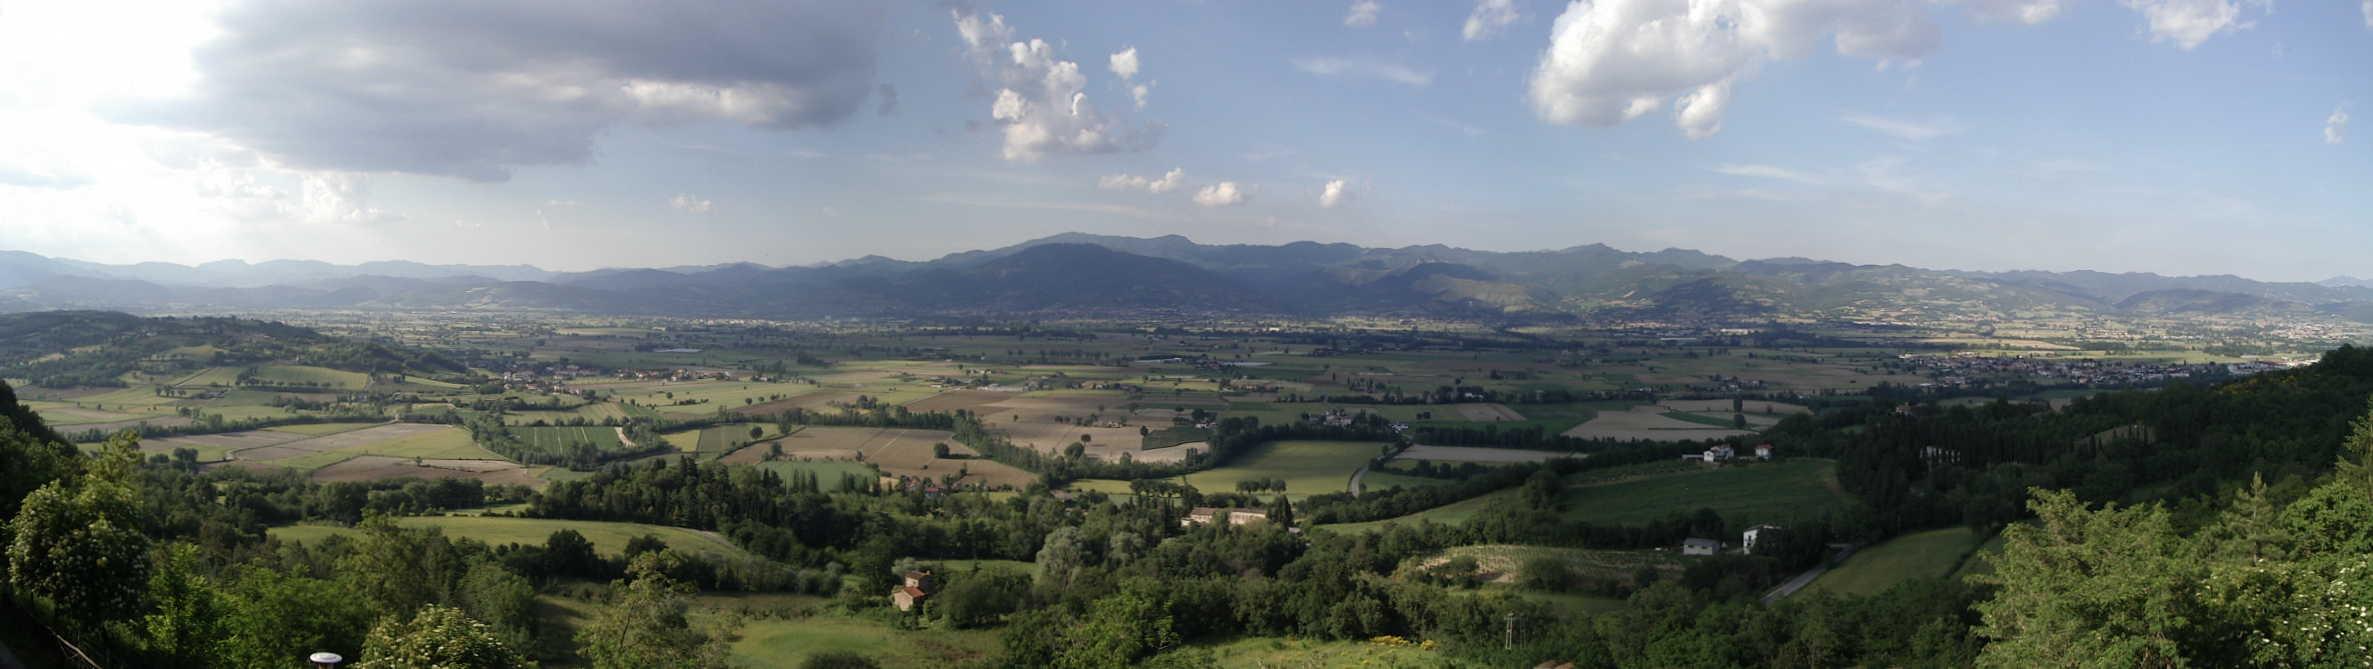 escursioni in Alta Valle del Tevere con guida turistica